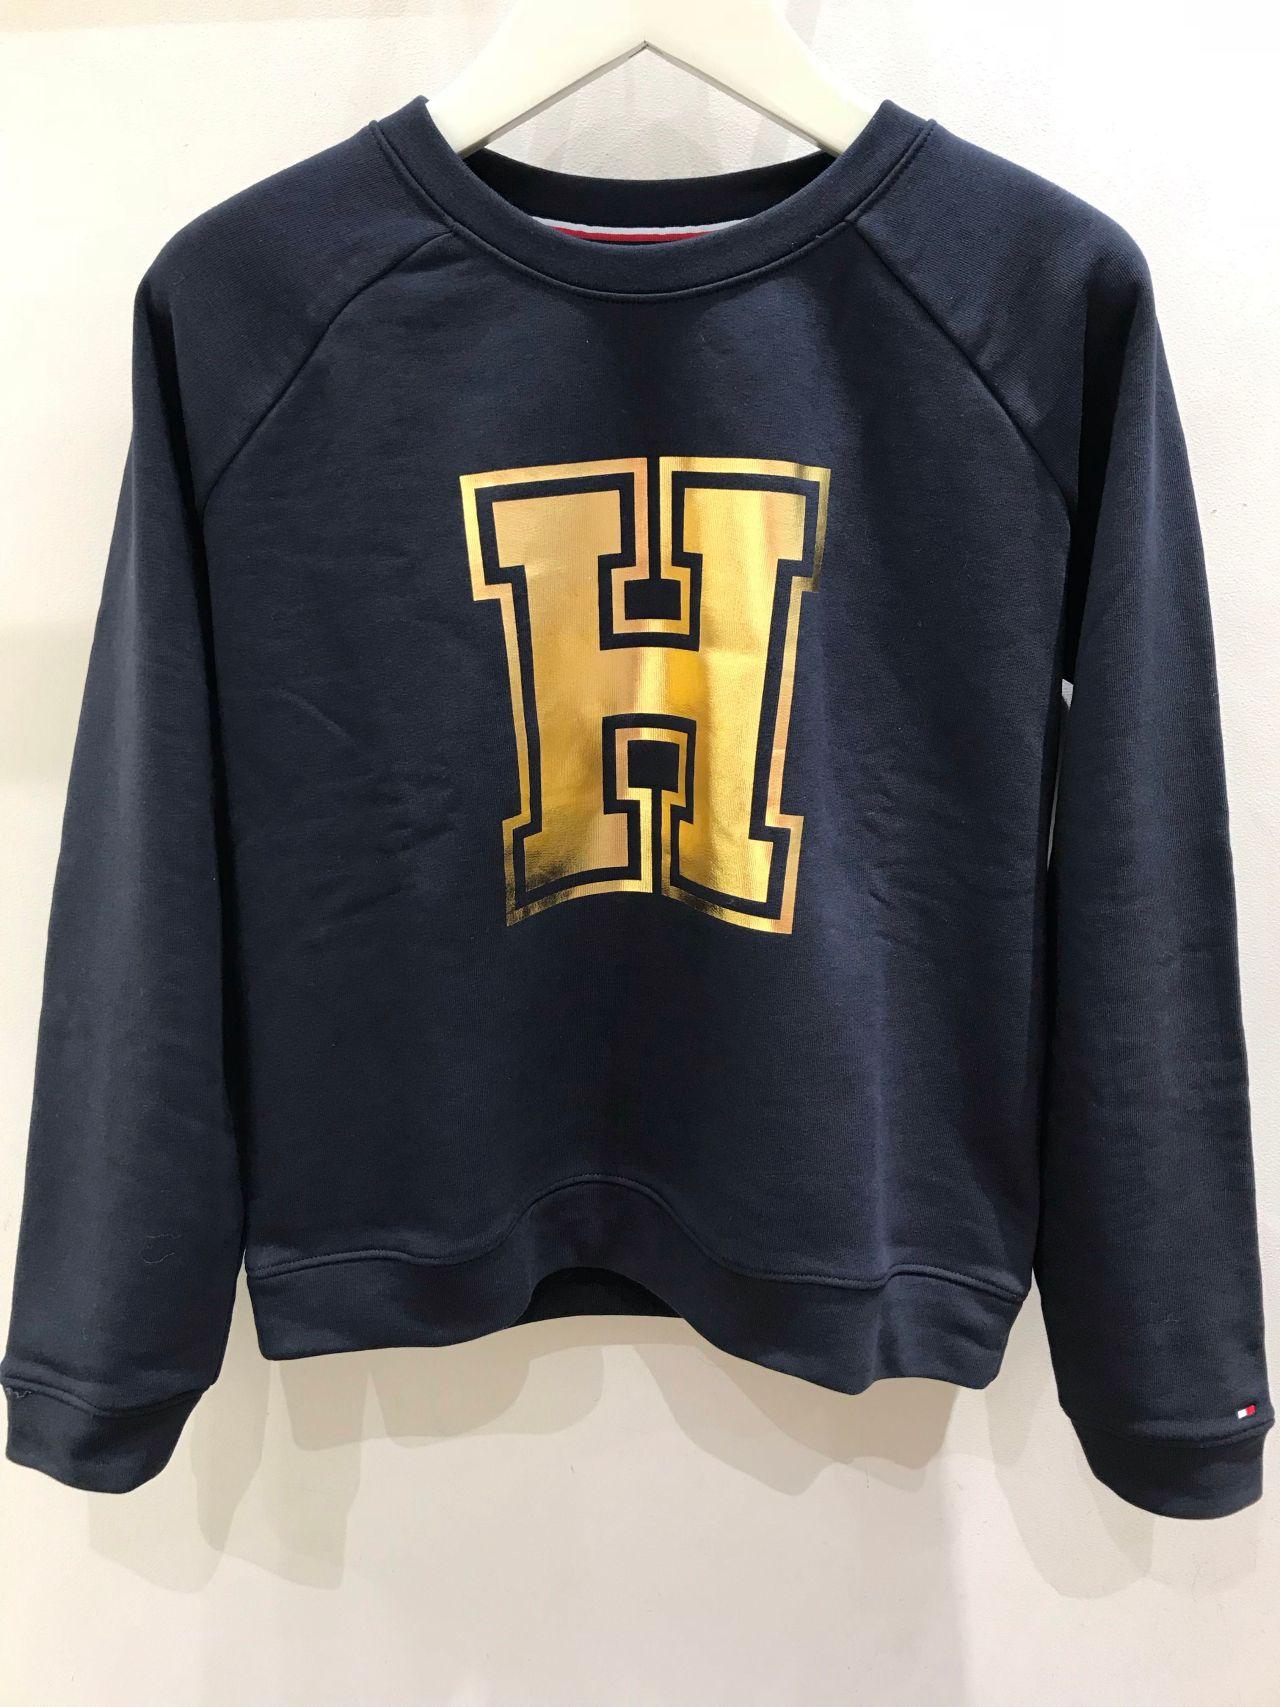 7fb59b0f3b190 Pyjamasques Garçon Tee-shirt manches longues - bleu 171941-SBLU